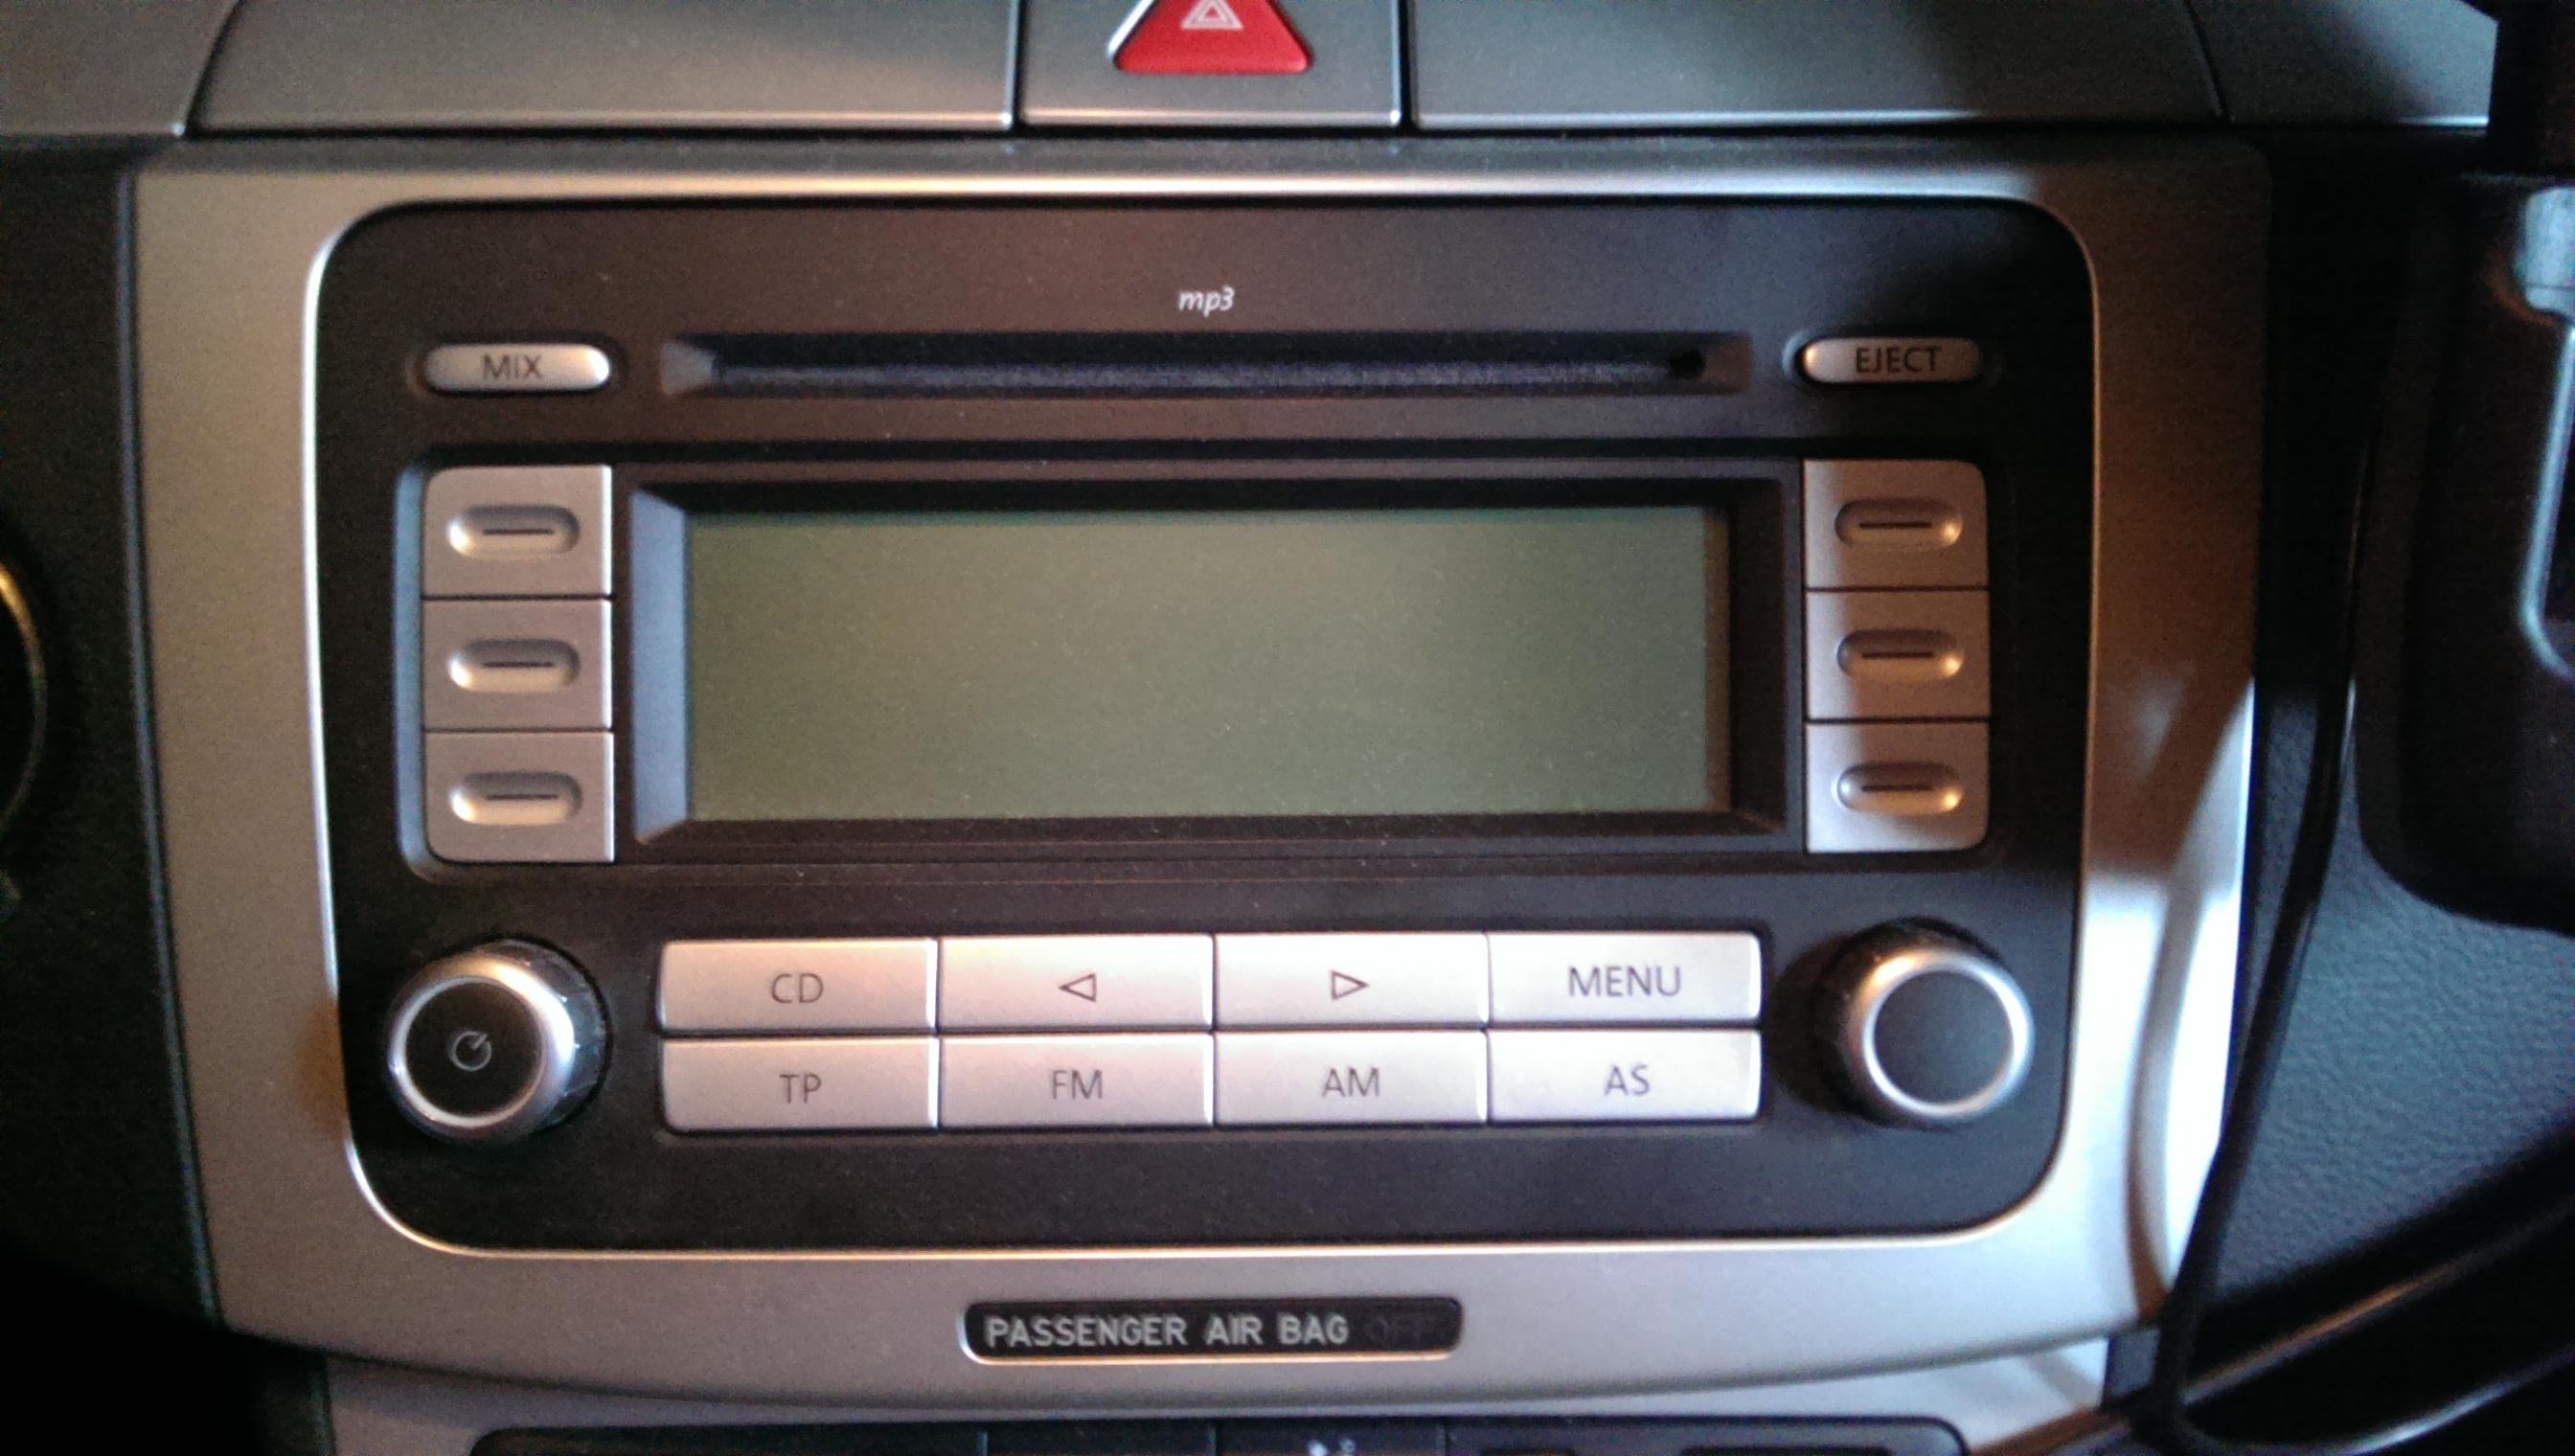 Bardzo dobra Radio mp3 VW Passat B6 nie czyta żadnej płyty - elektroda.pl PL52